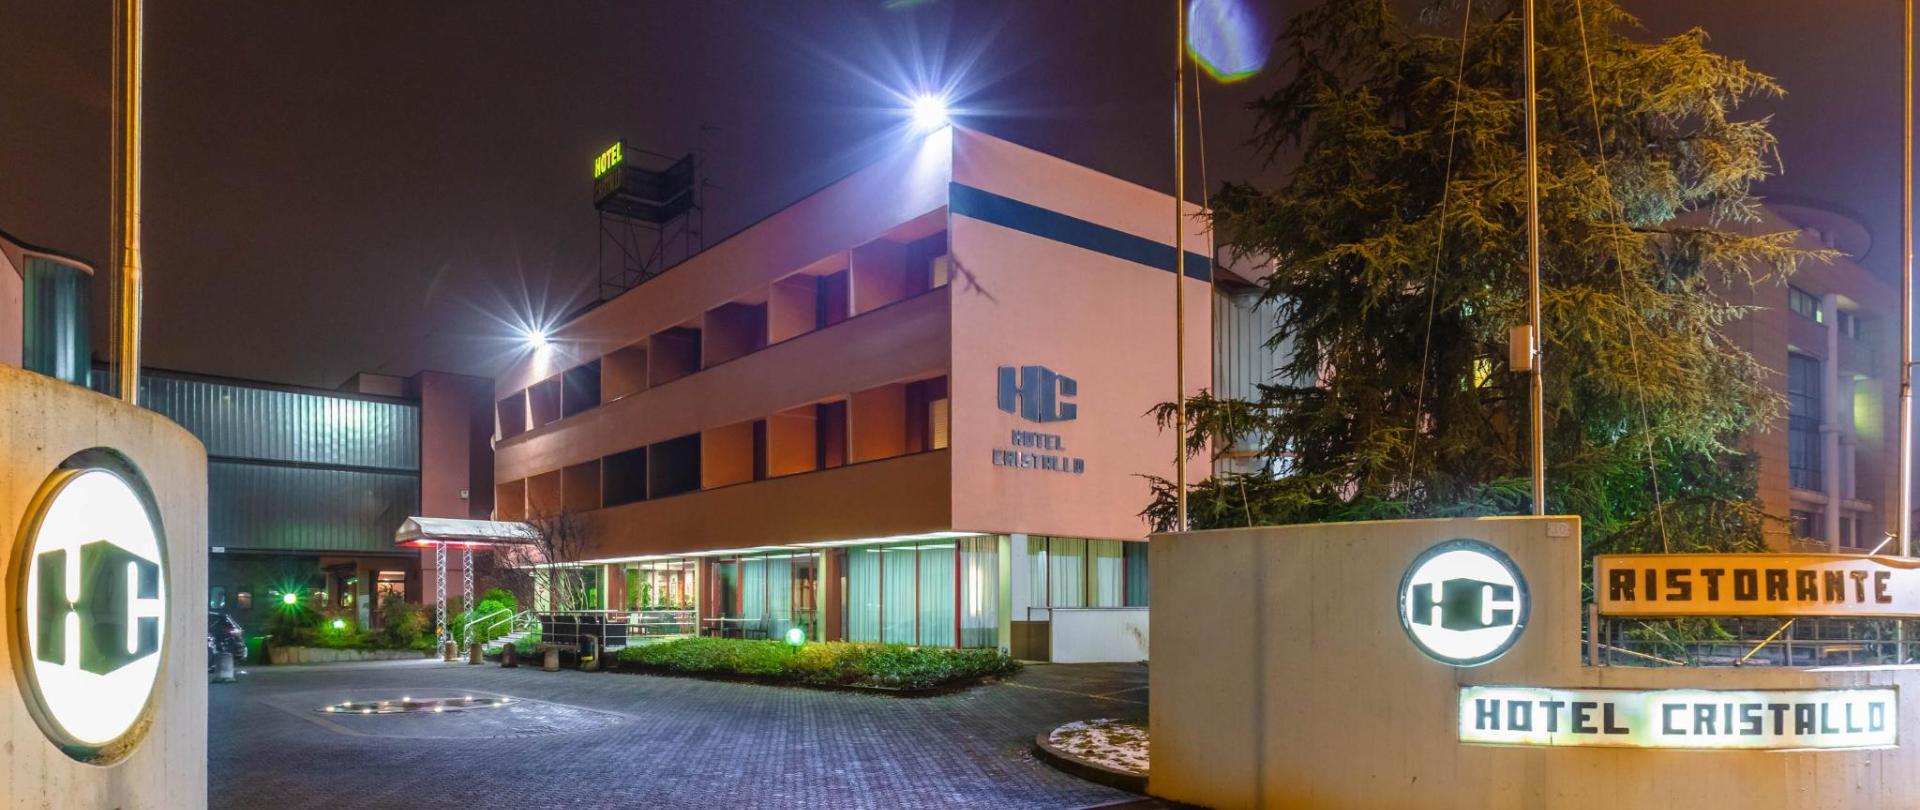 hotel-reggio-emilia-100.jpg